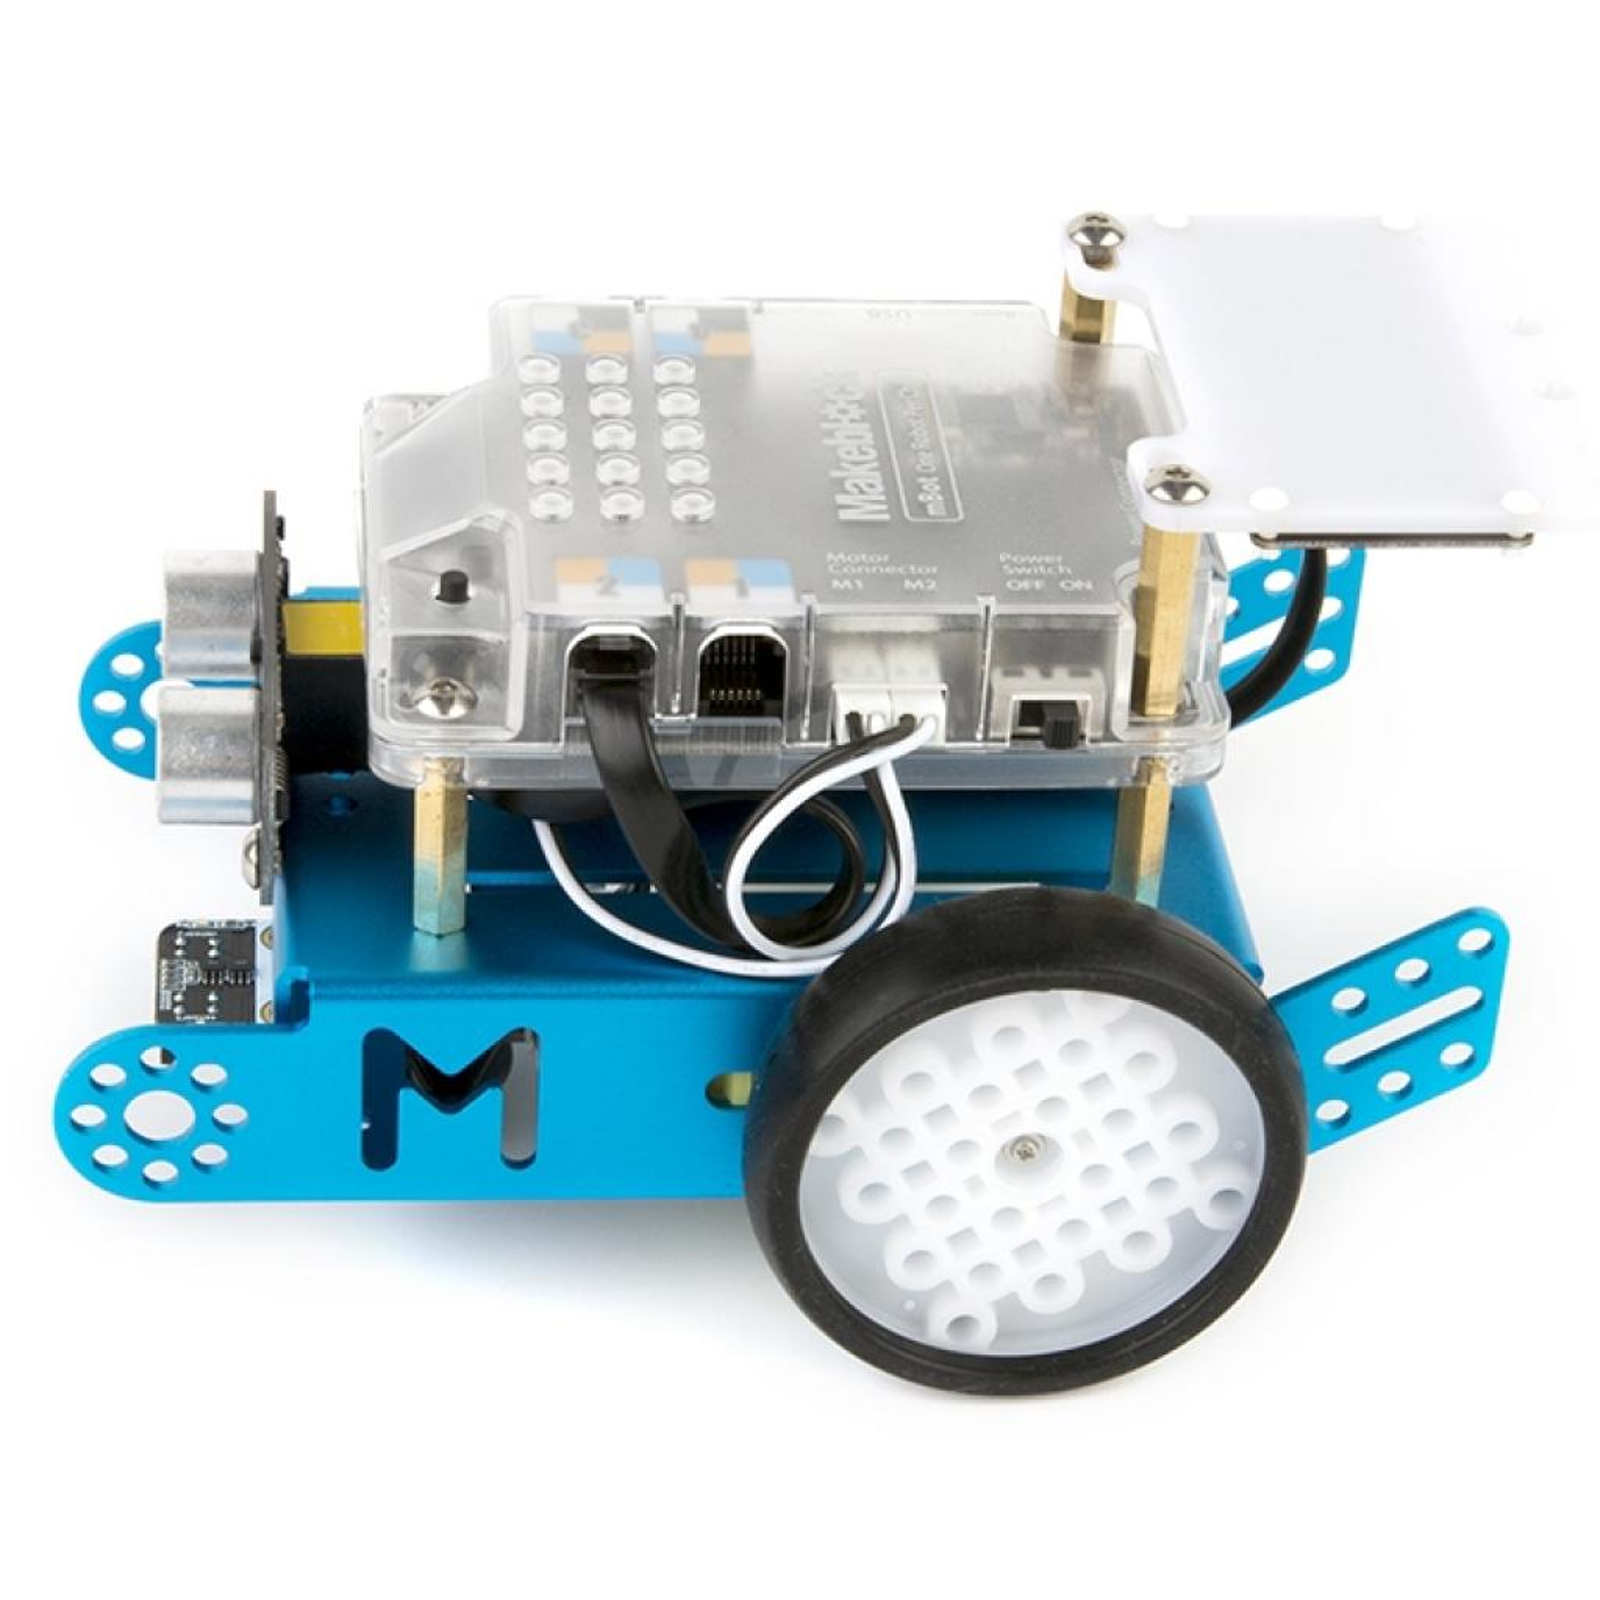 Робот Makeblock mBot S (P1010045) изображение 4